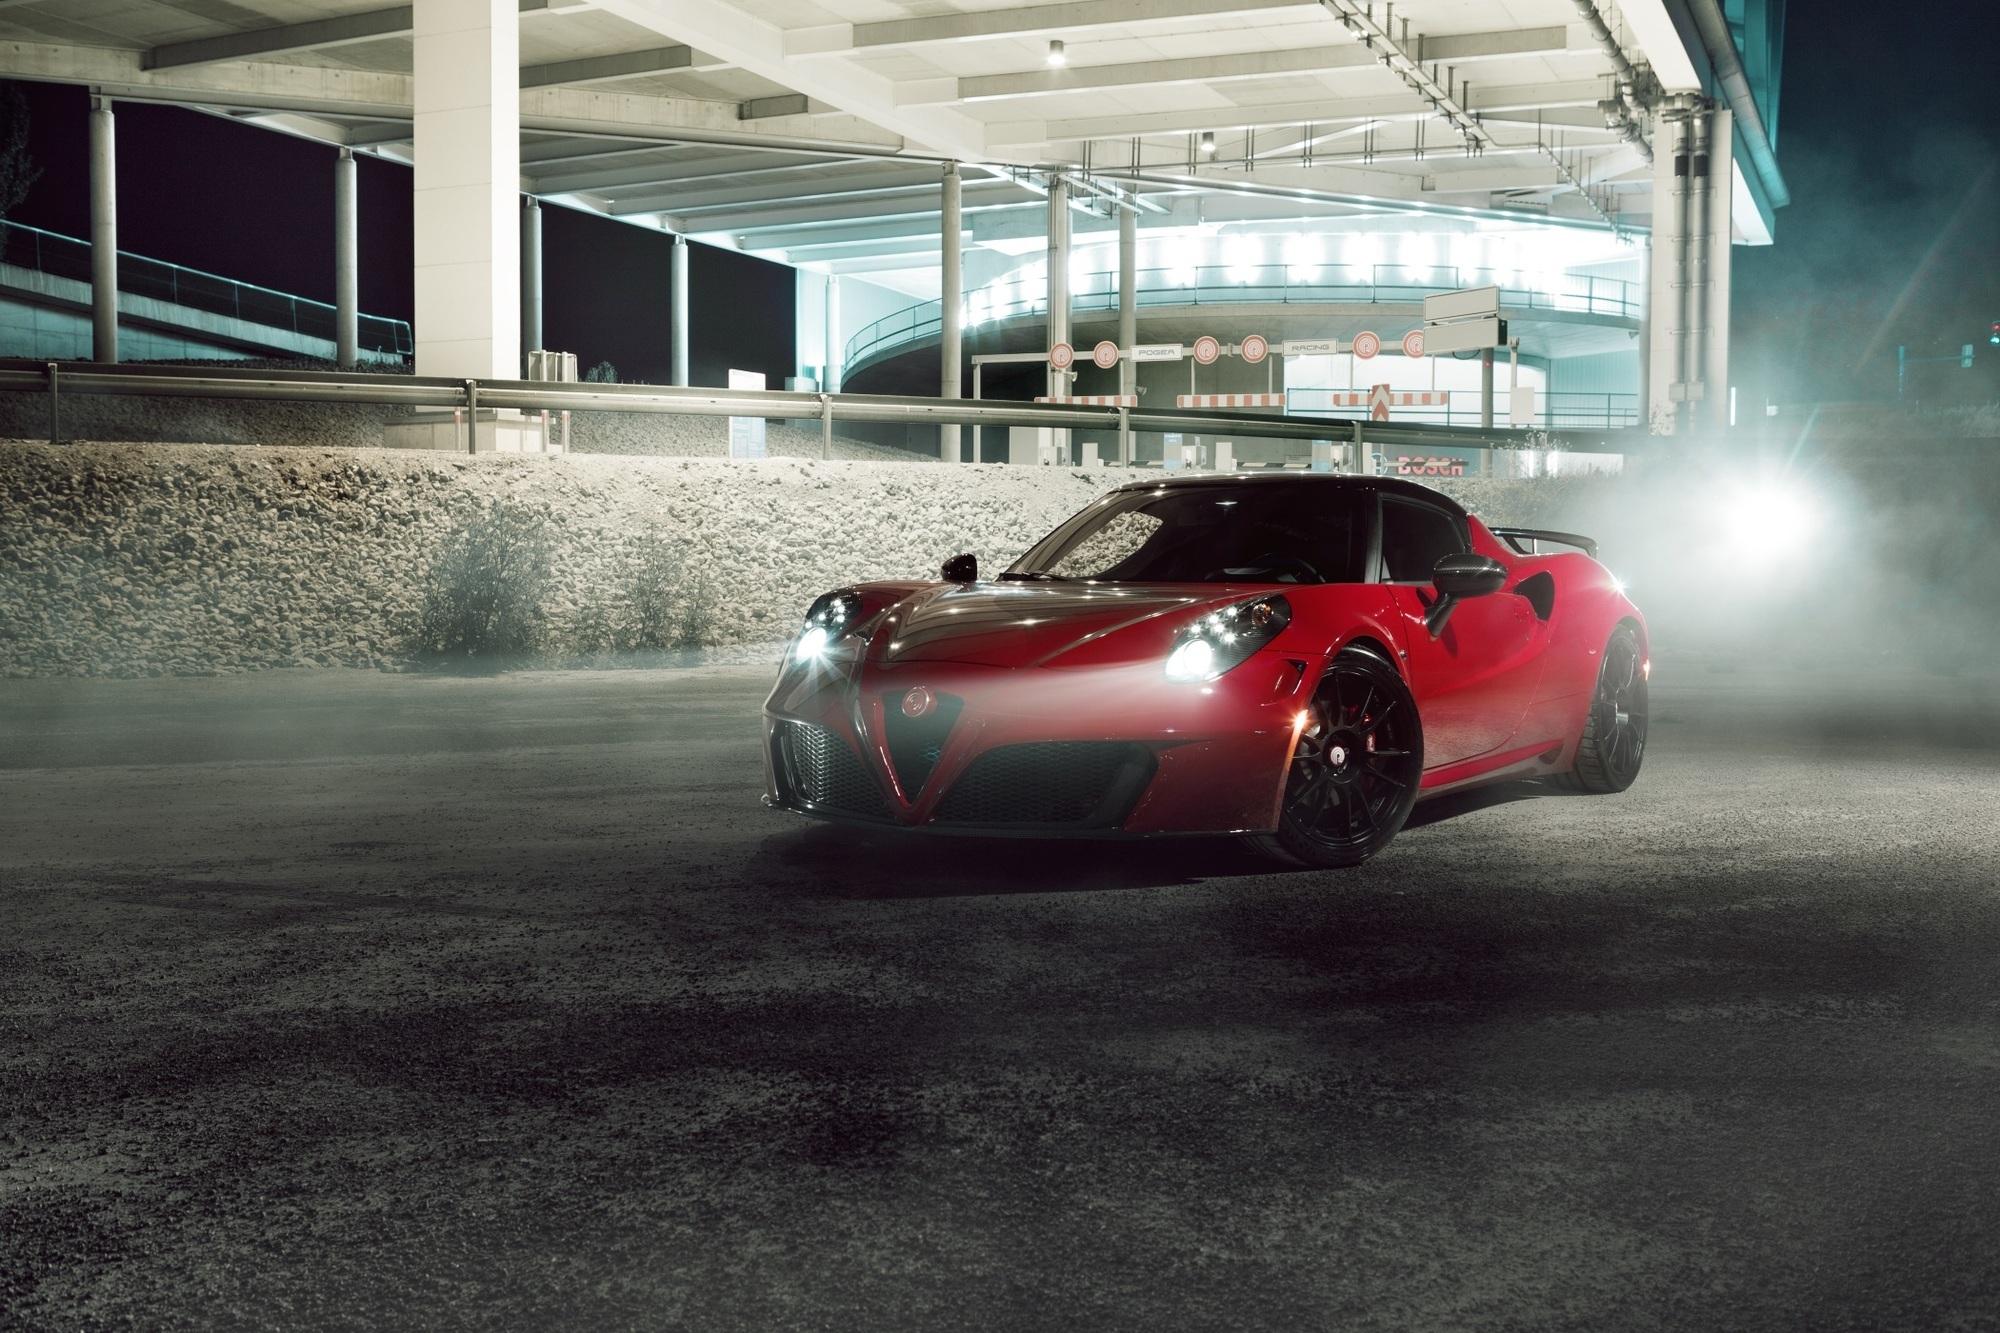 Getunter Alfa Romeo 4C - Kraftfutter für den Rennfloh